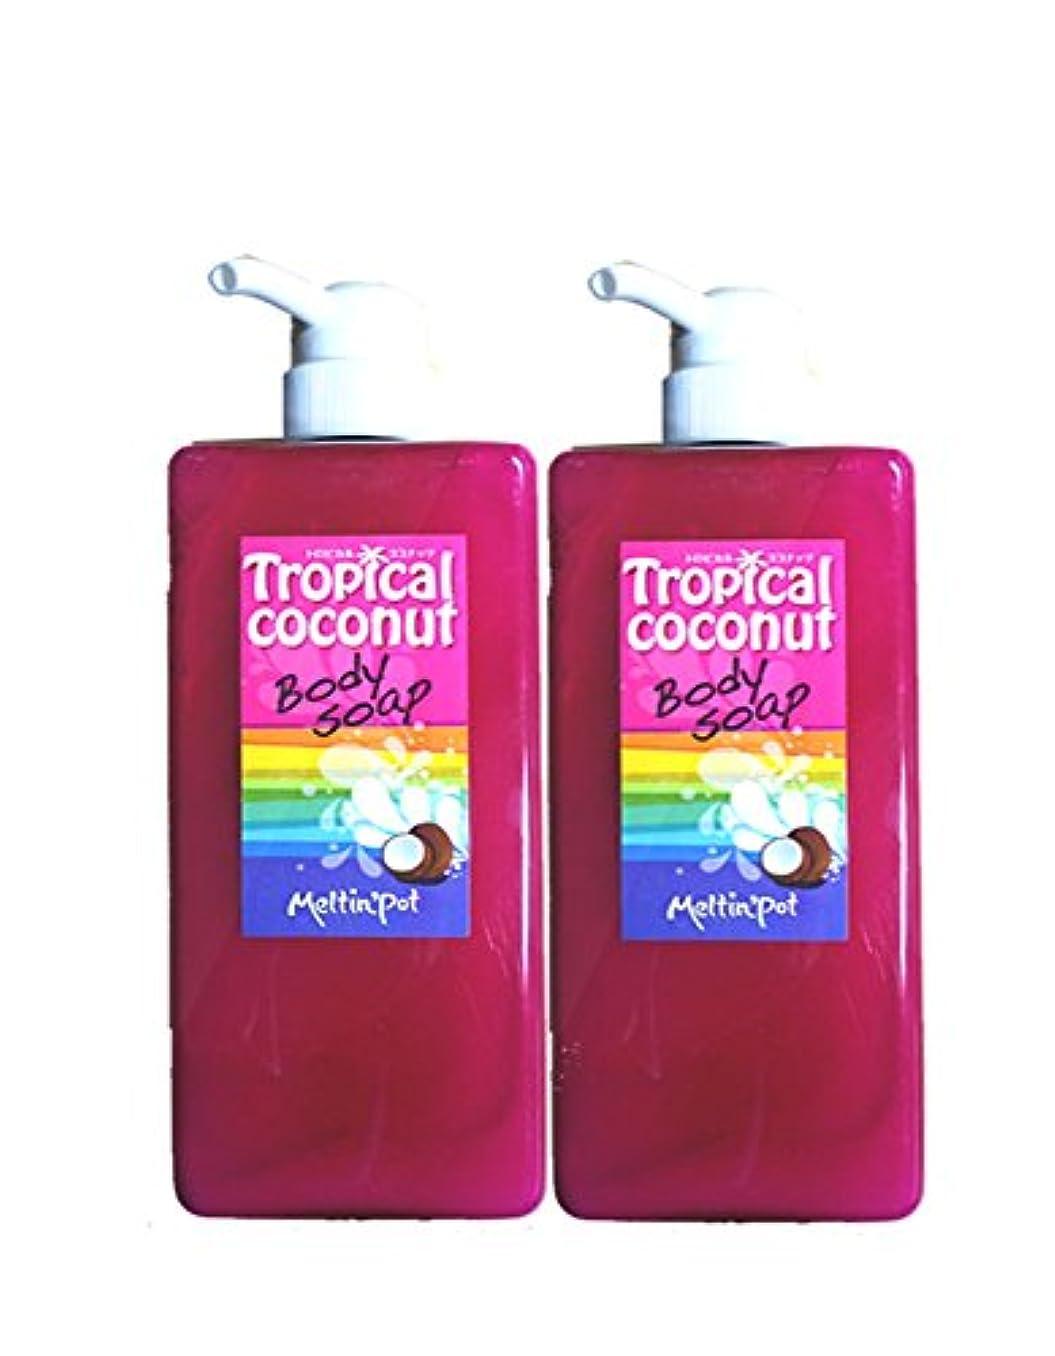 ヘクタール化石読者トロピカルココナッツ ボディソープ 600ml*2セット Tropical coconut Body Soap 加齢臭に!